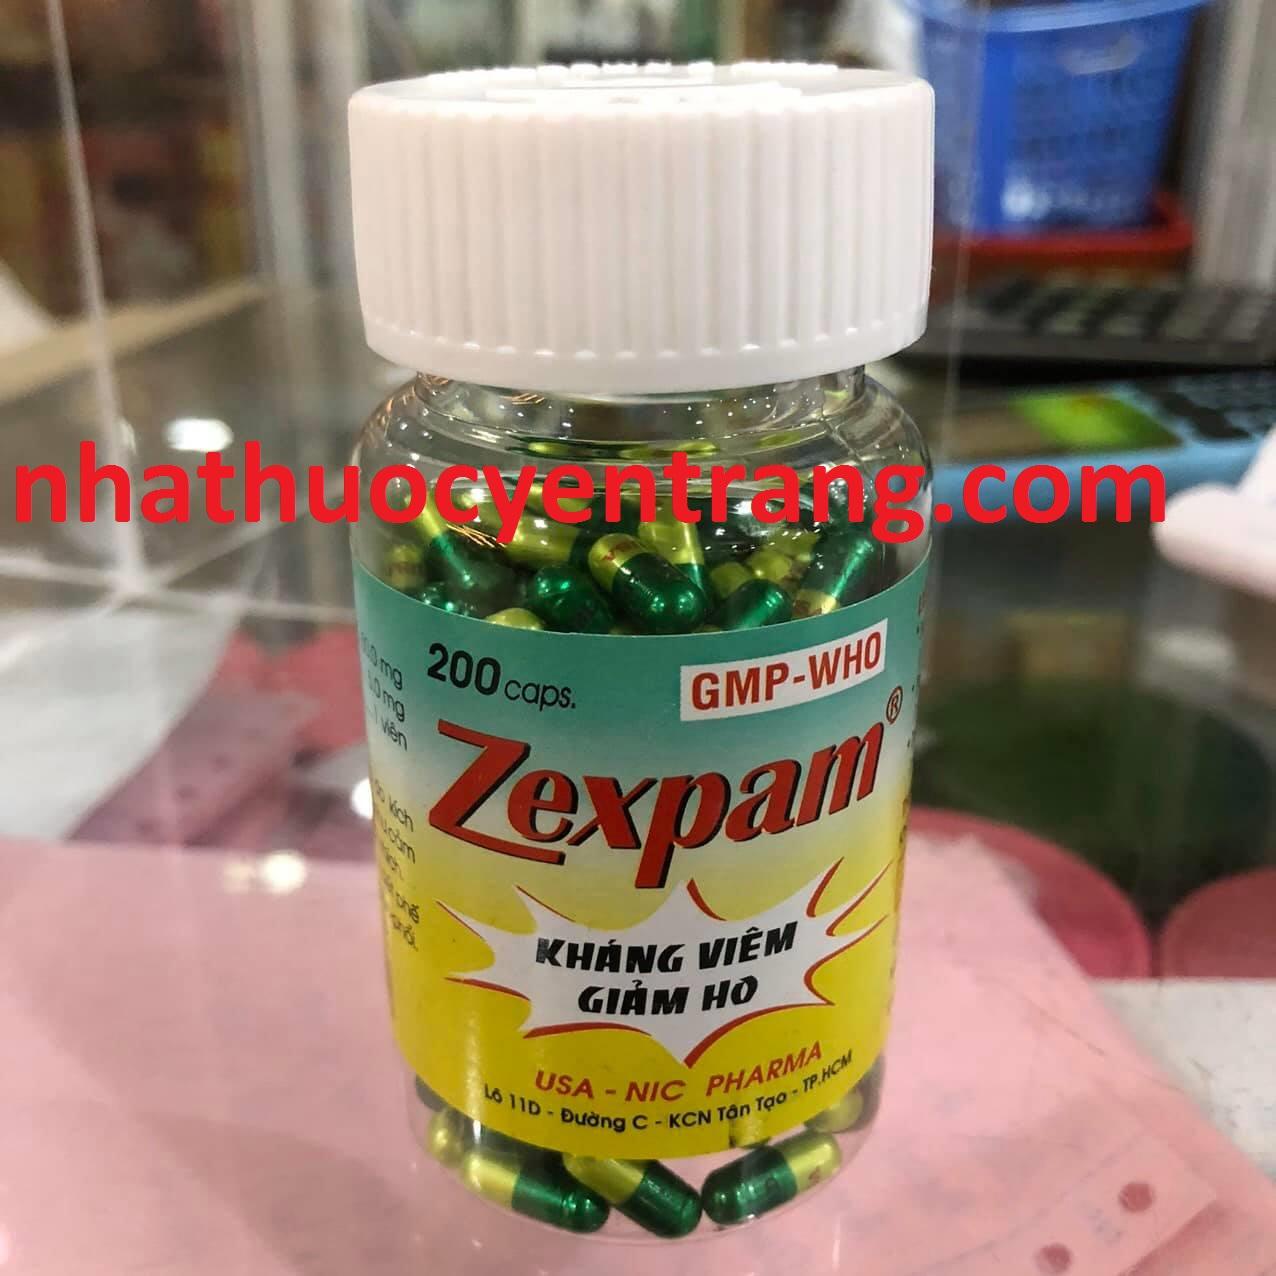 Zexpam